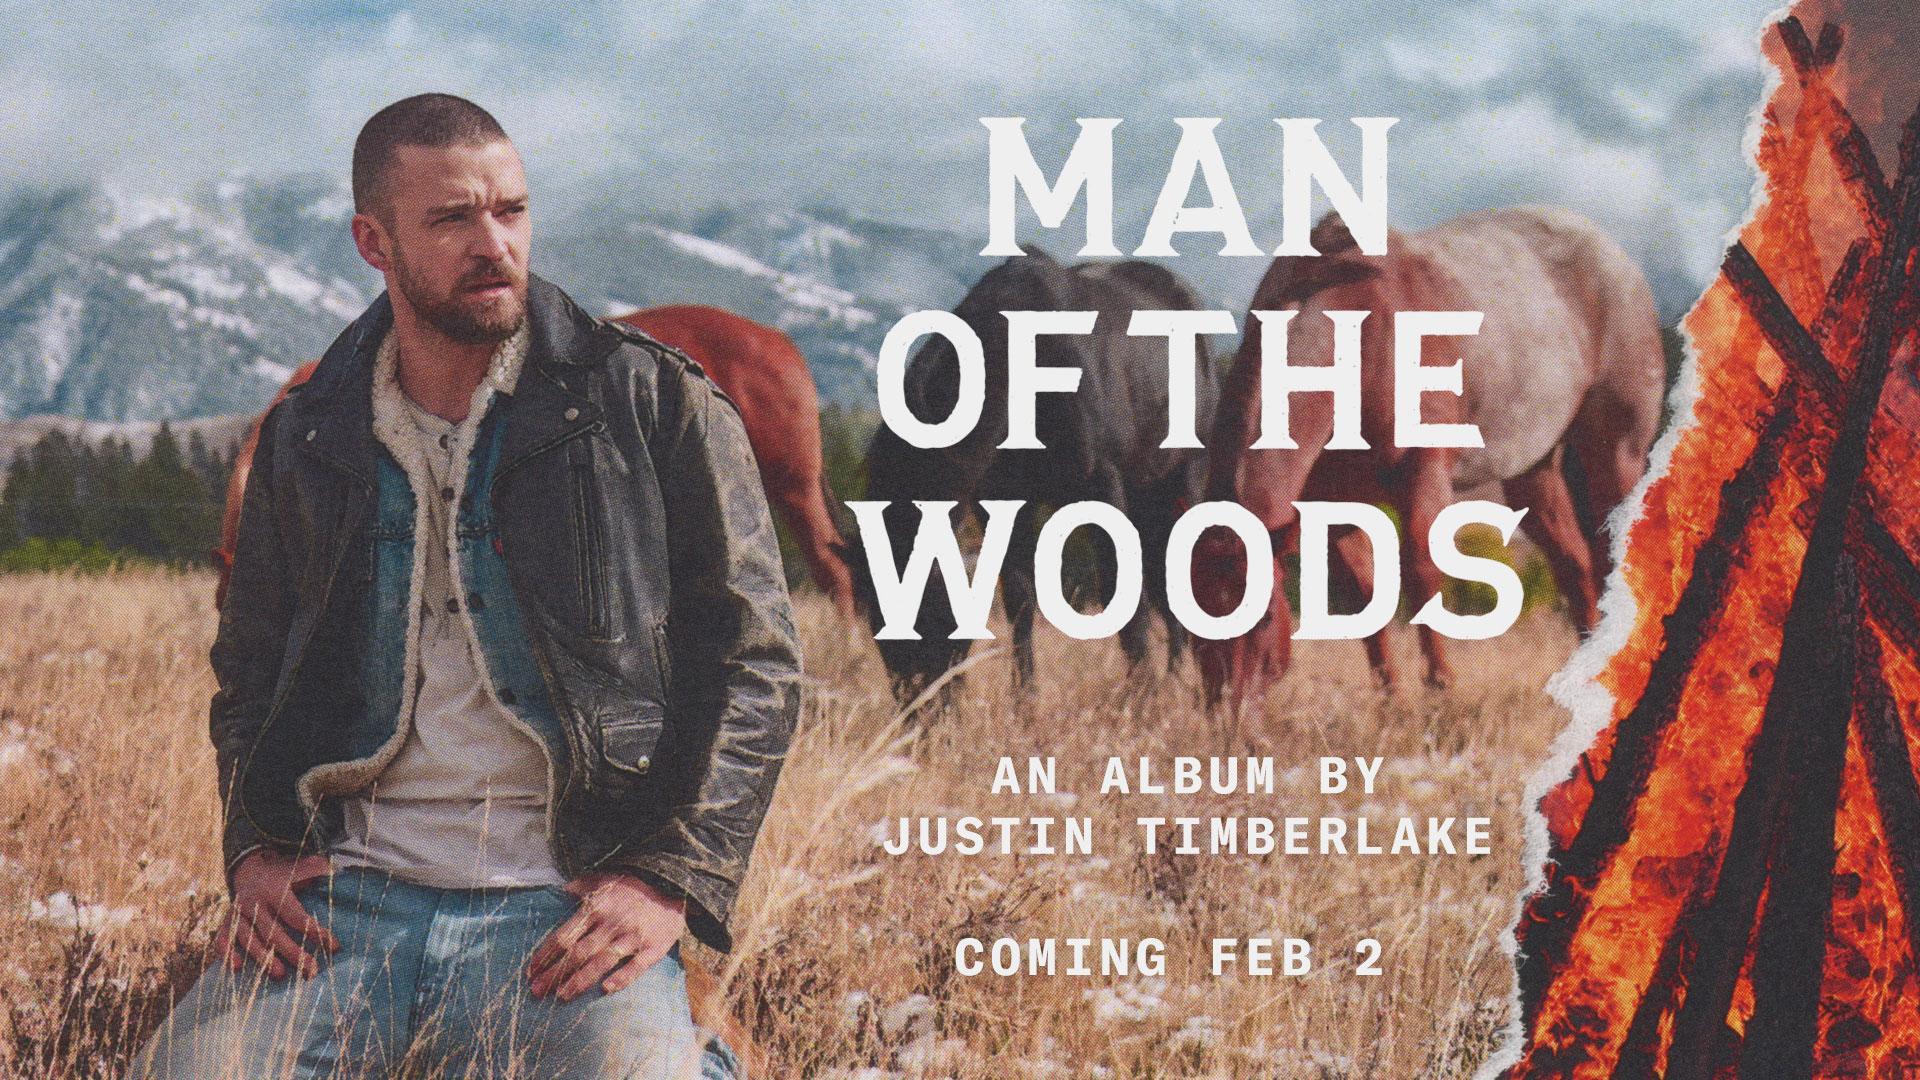 Джастин Тимберлейк - музыкальный альбом «Man Of The Woods»